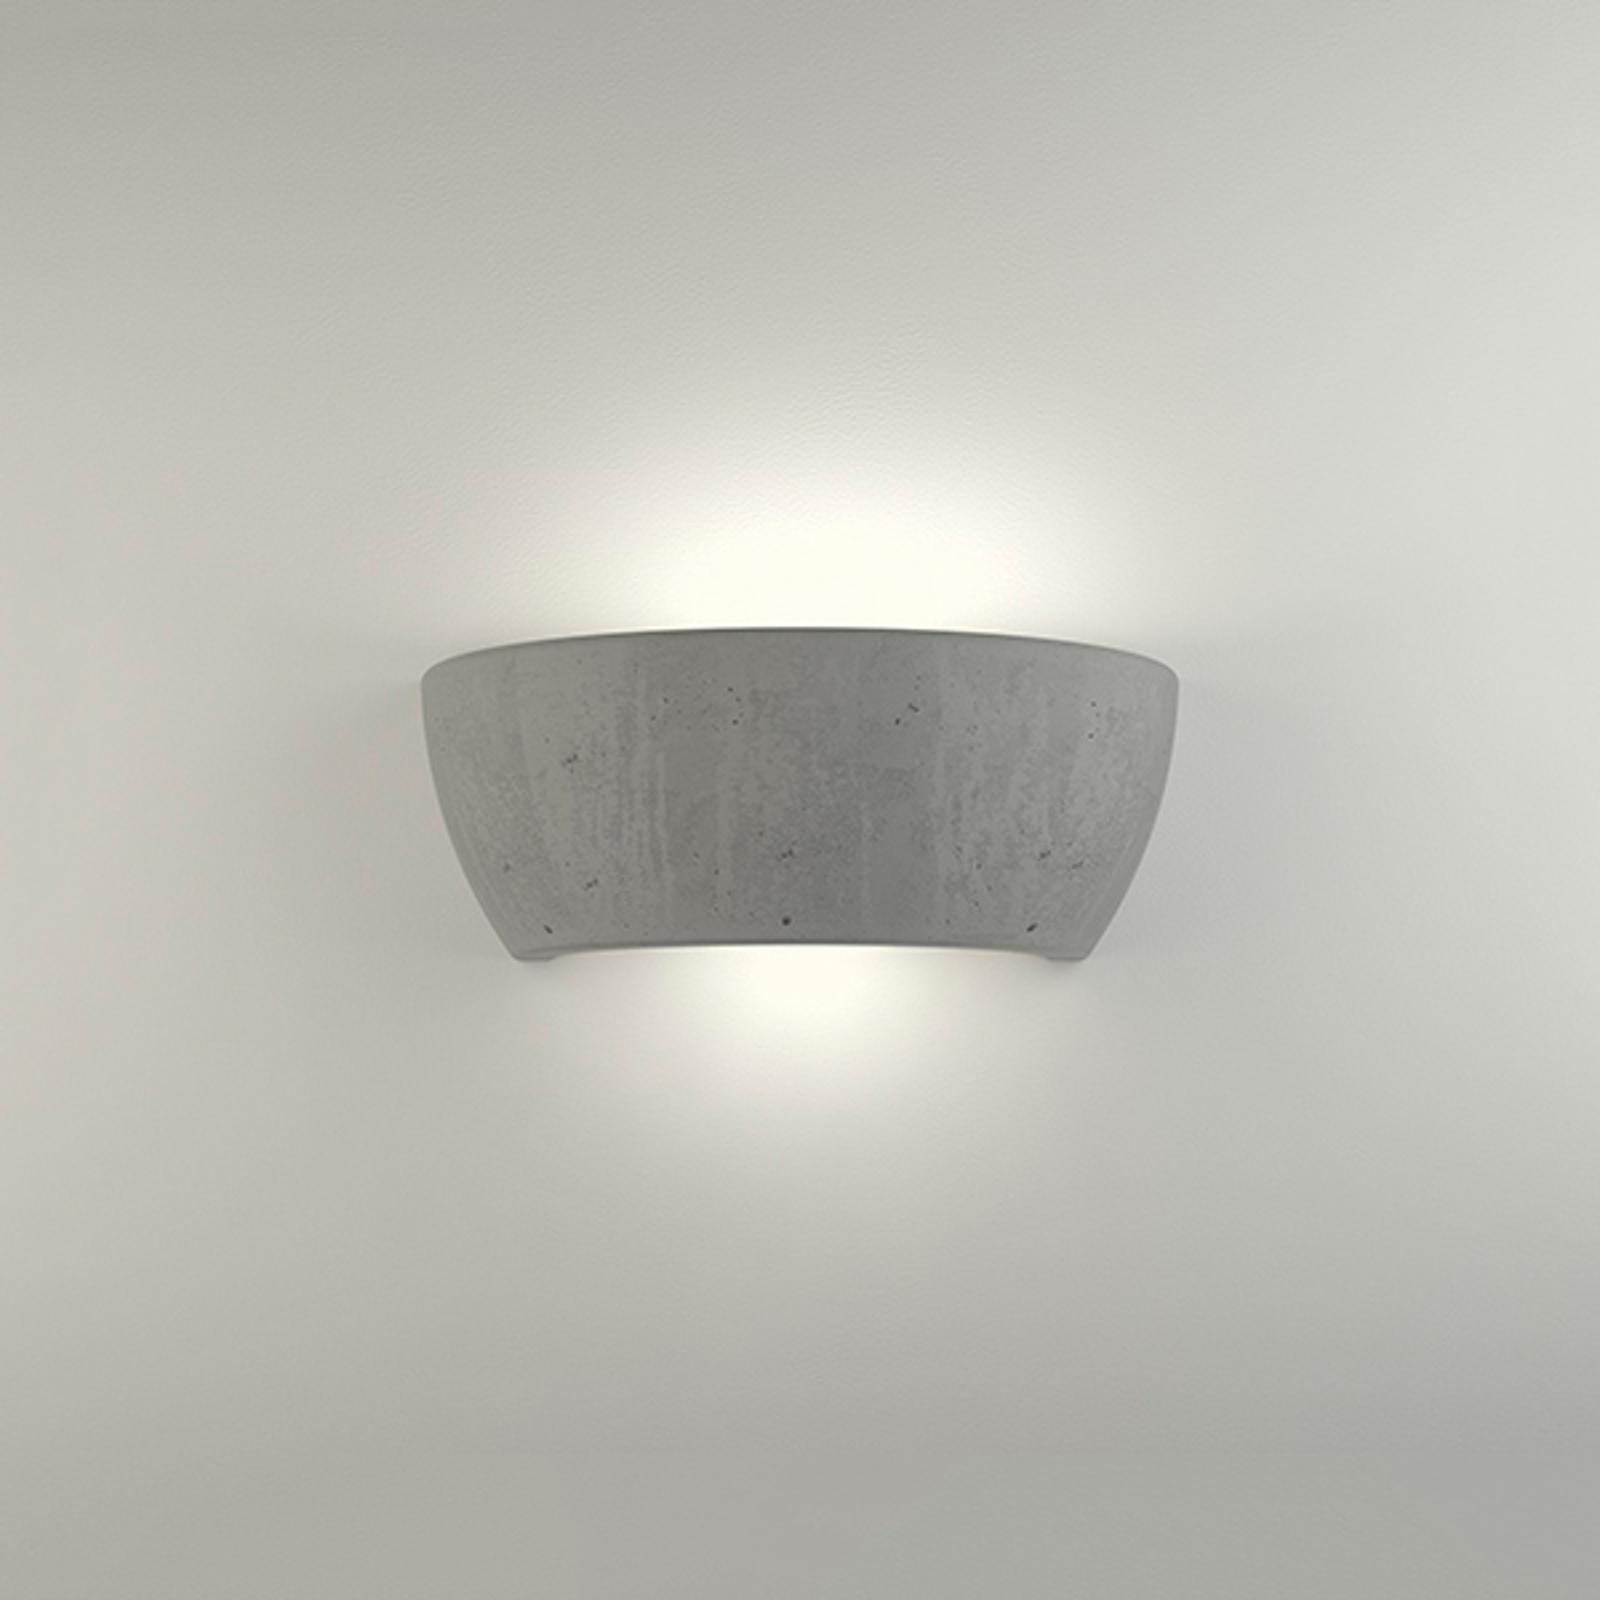 LED nástěnné světlo, 2457, beton, 3000 K, nestmív.